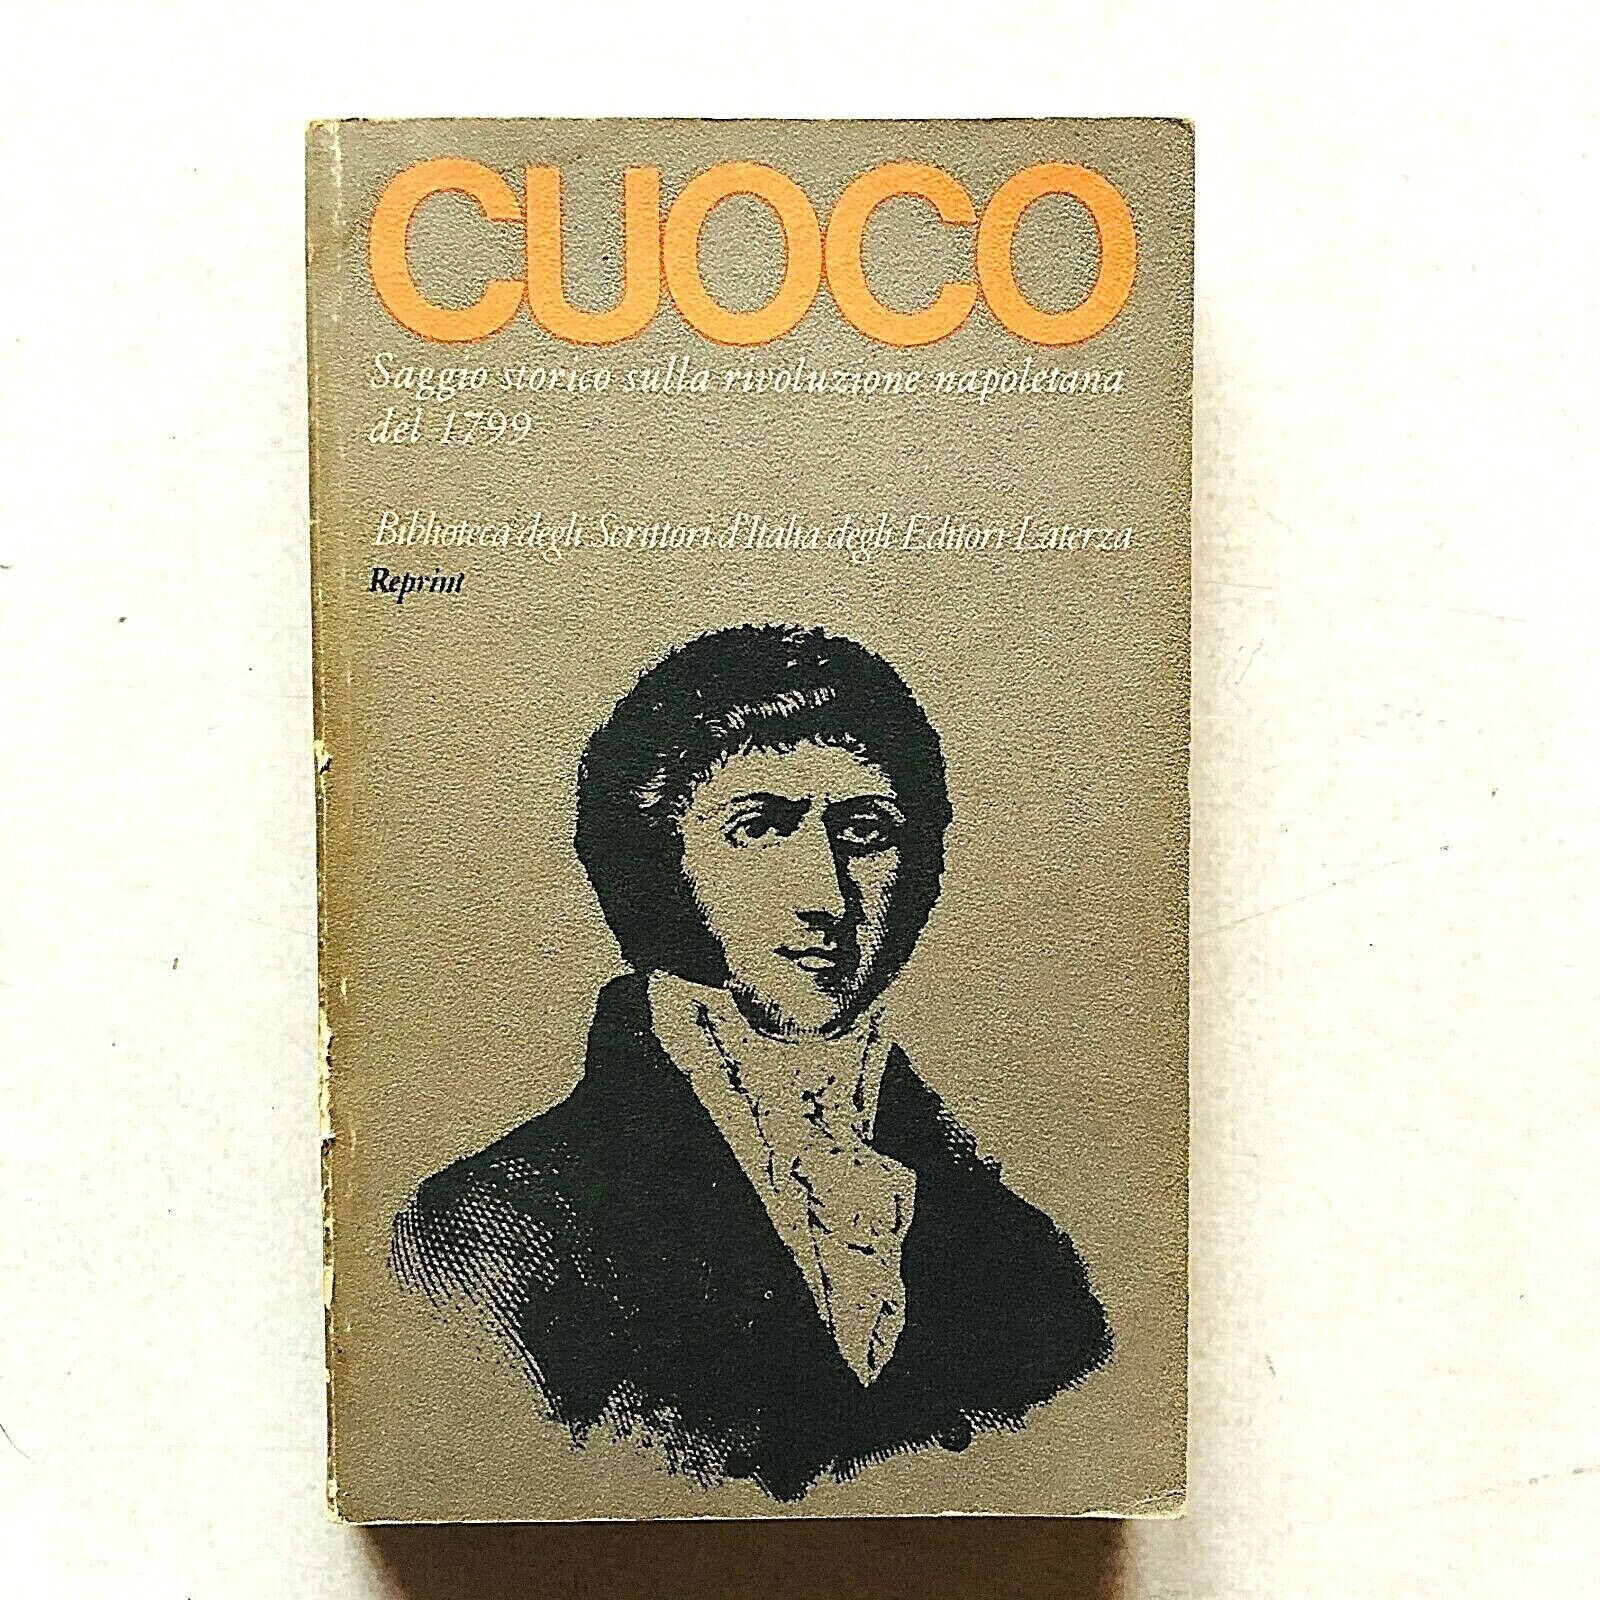 Vincenzo Cuoco Saggio storico rivoluzione napoletana del 1799 Laterza 1976